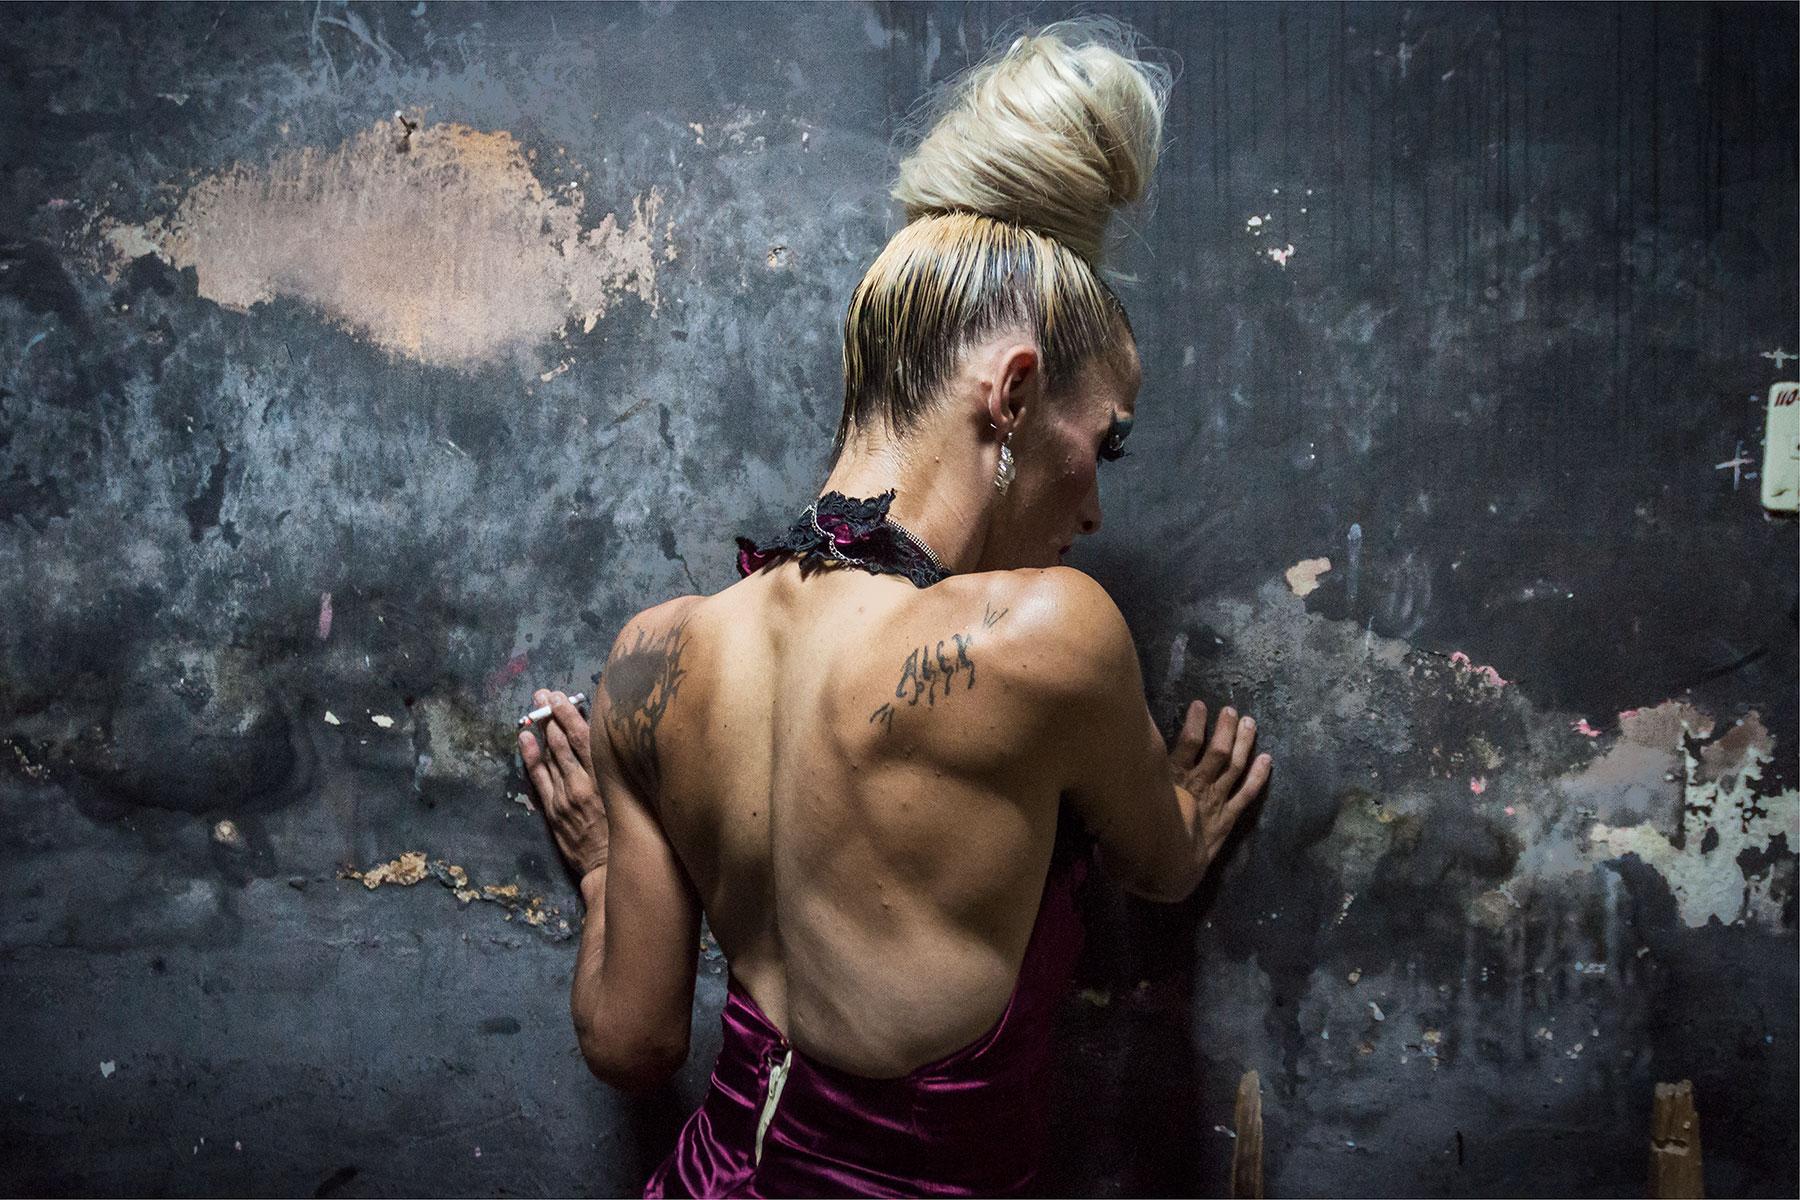 Alejandro-Perez-apik-Silence-of-a-body-Shakira.jpg